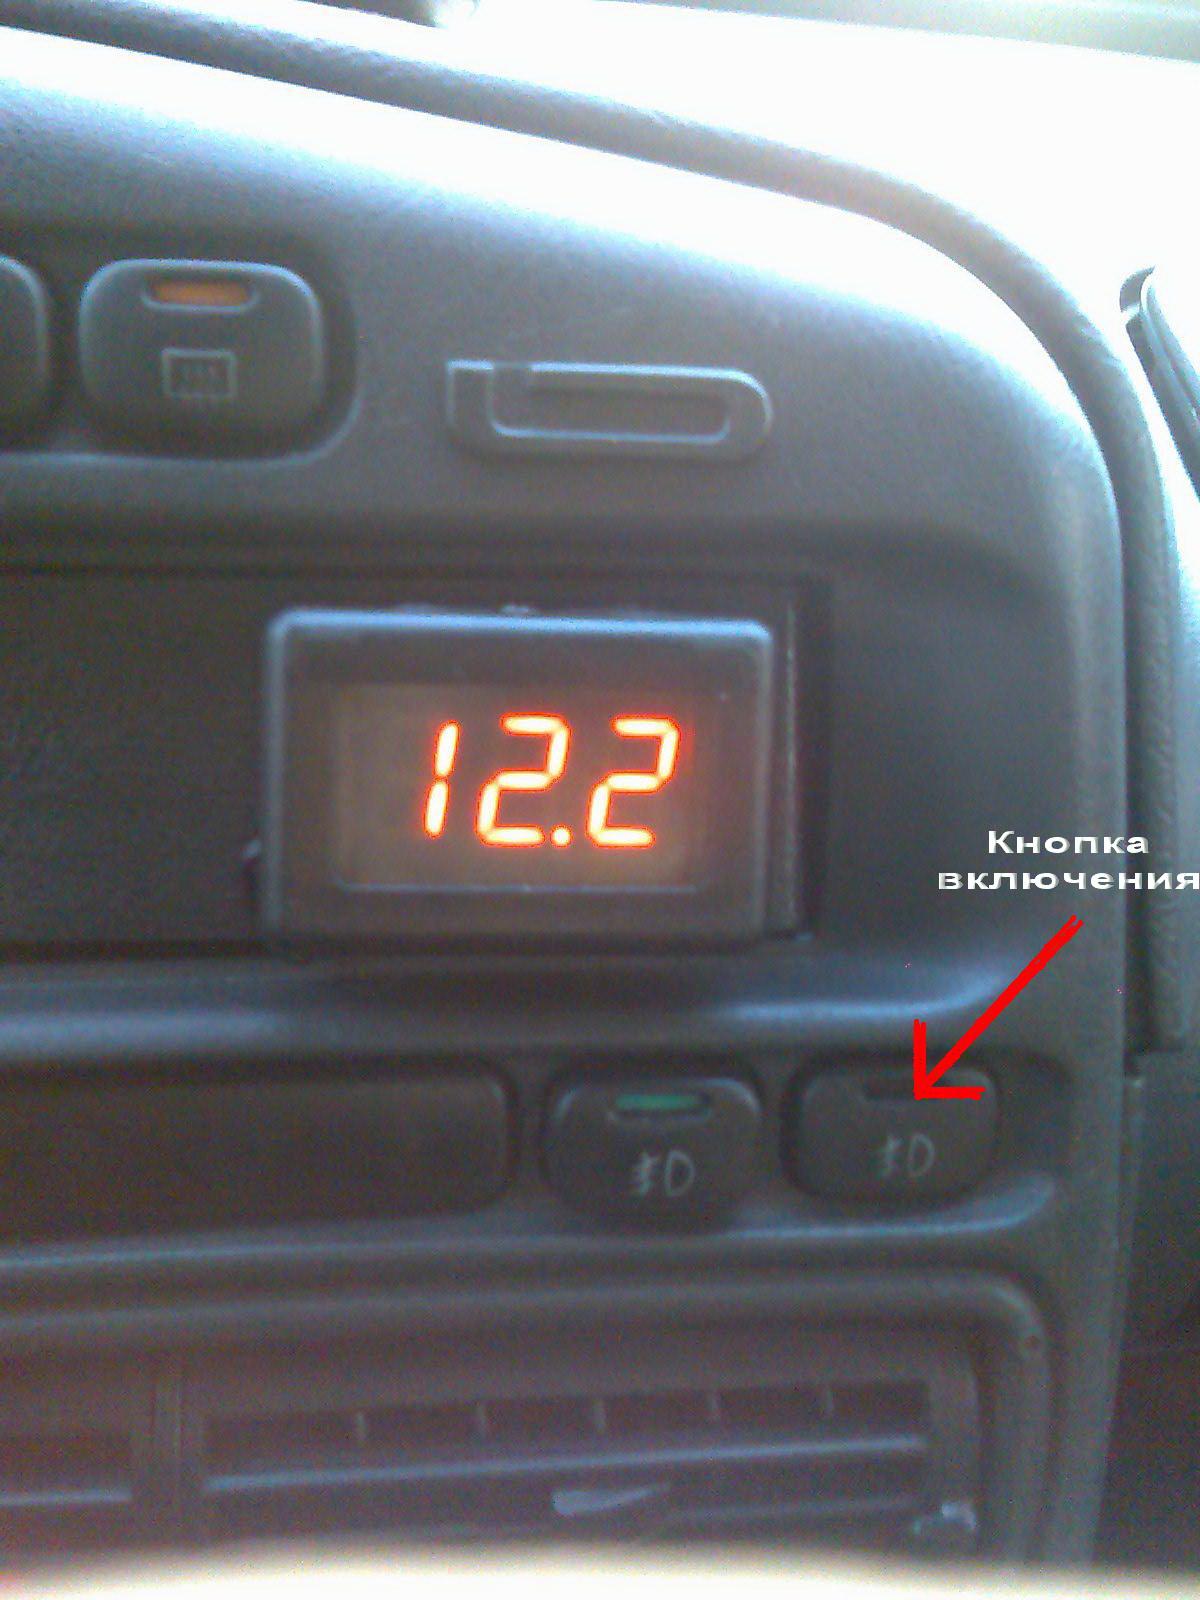 инструкция использования в автомобиля индикатора напряжения ин 7